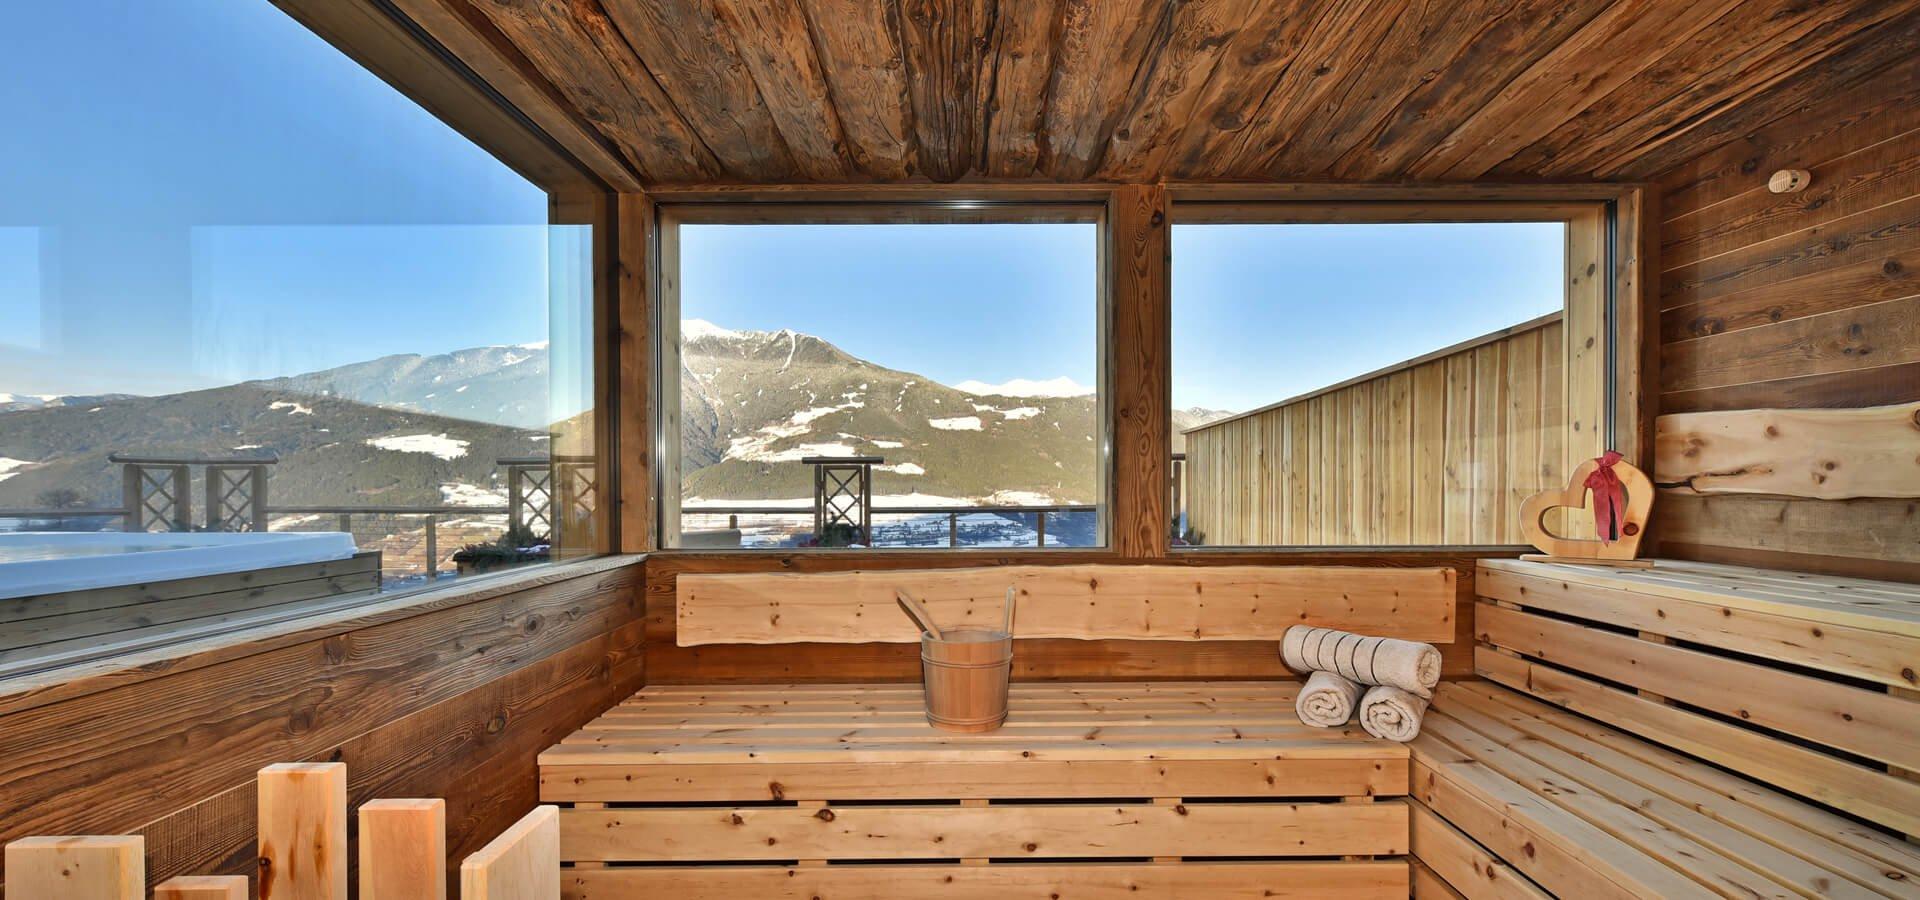 wellnessbauernhof-suedtirol-sauna